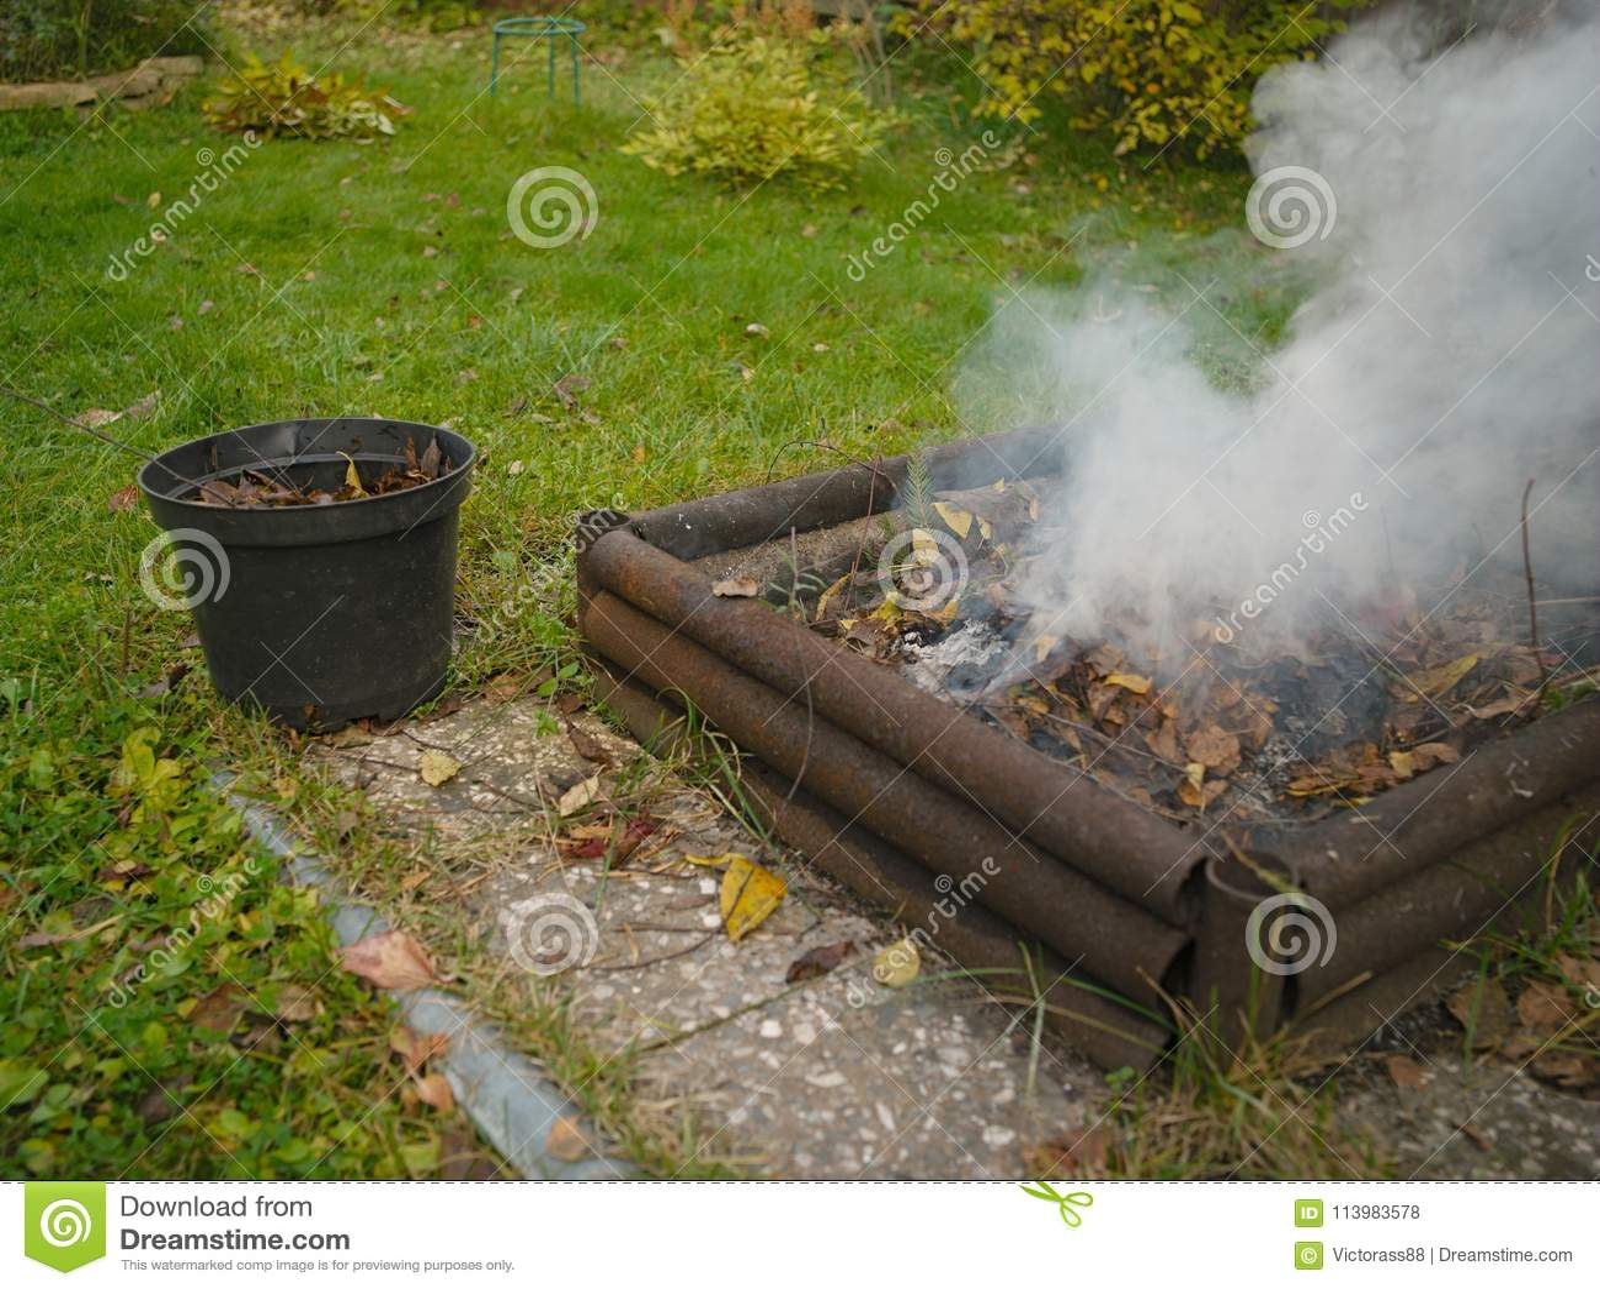 feuer im garten stockfoto. bild von gardening, bäume - 113983578